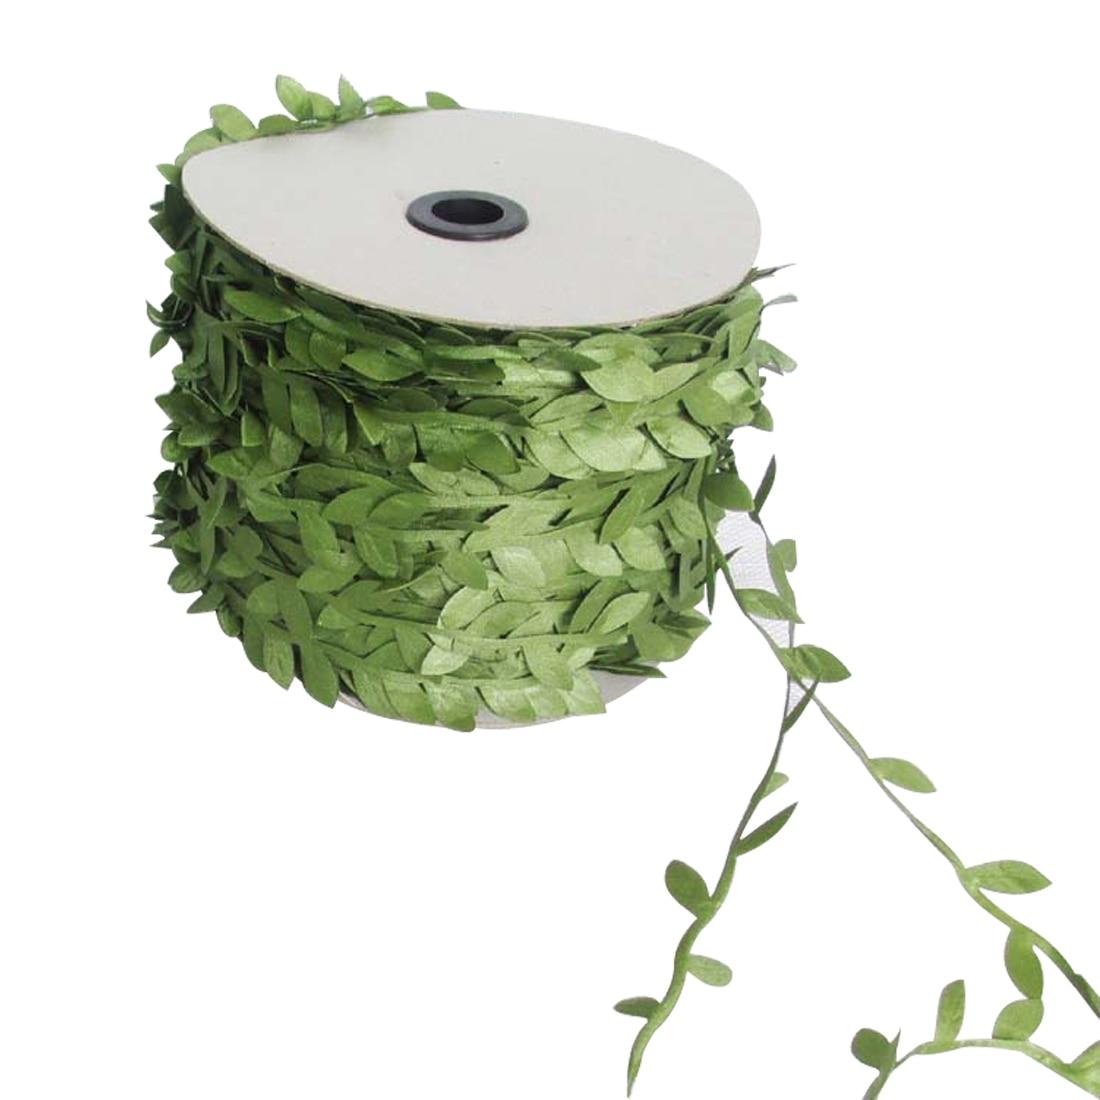 10 Meter Seide Natur Grün Künstliche Blatt Verlässt Reben Hochzeit Dekoration Laub Scrapbooking Handwerk Kranz Gefälschte Blumen